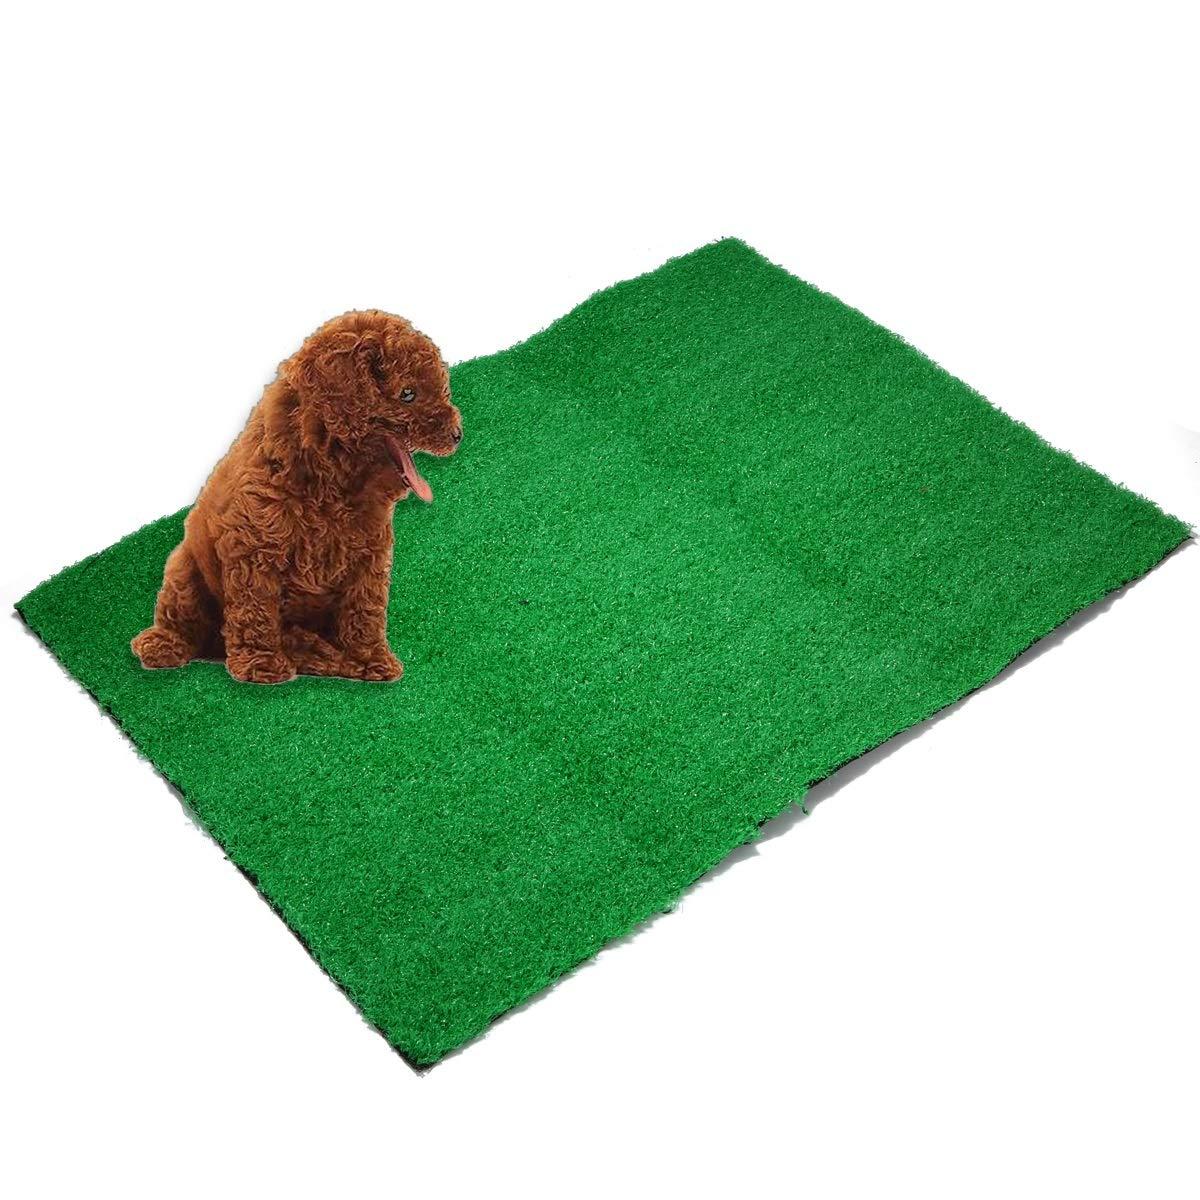 Yiye Zhiqiu 1 UNID Mascota Cachorro Entrenador de Potty Entrenamiento de Interior Aseo Perro Artificial C/ésped Pad Pad Pee Mat Parche para Peque/ño Perro de tama/ño Mediano